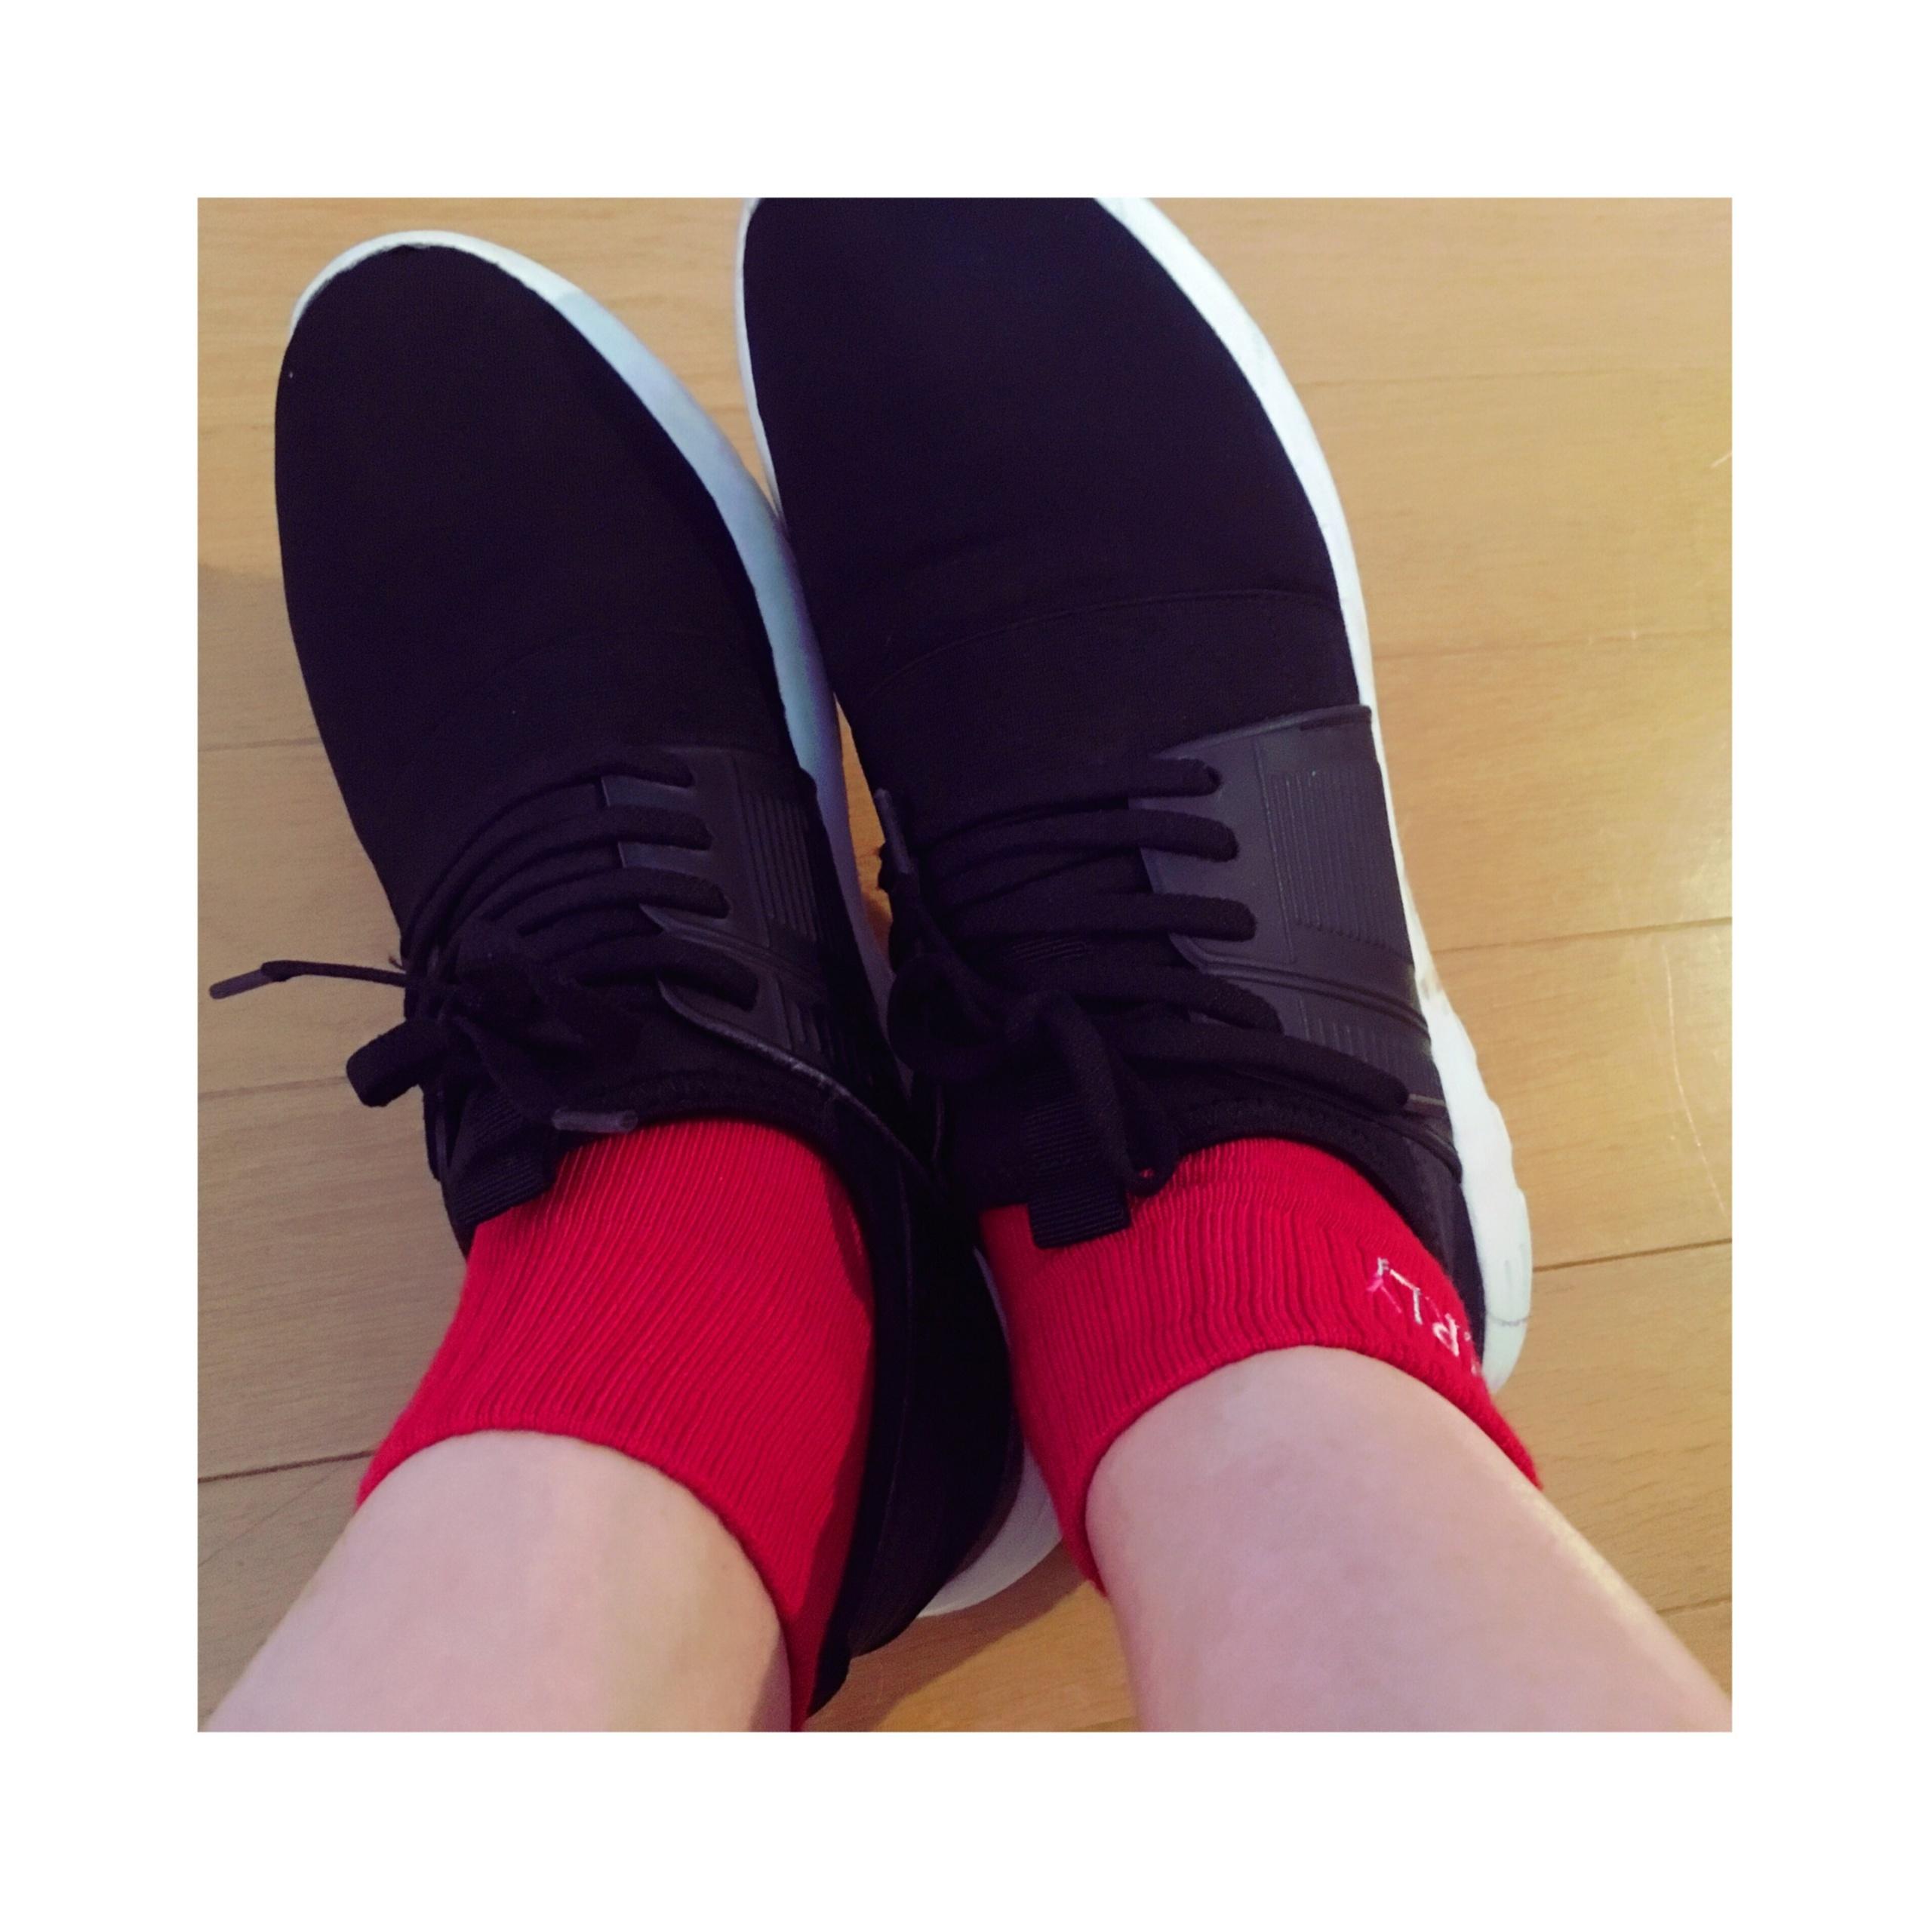 《ソックスコーデが増えるこれからのシーズンにぴったり★》思わずイロチ買いした【DAISO】のALL ¥108靴下がかわいい❤️-スポーツmix編-_5